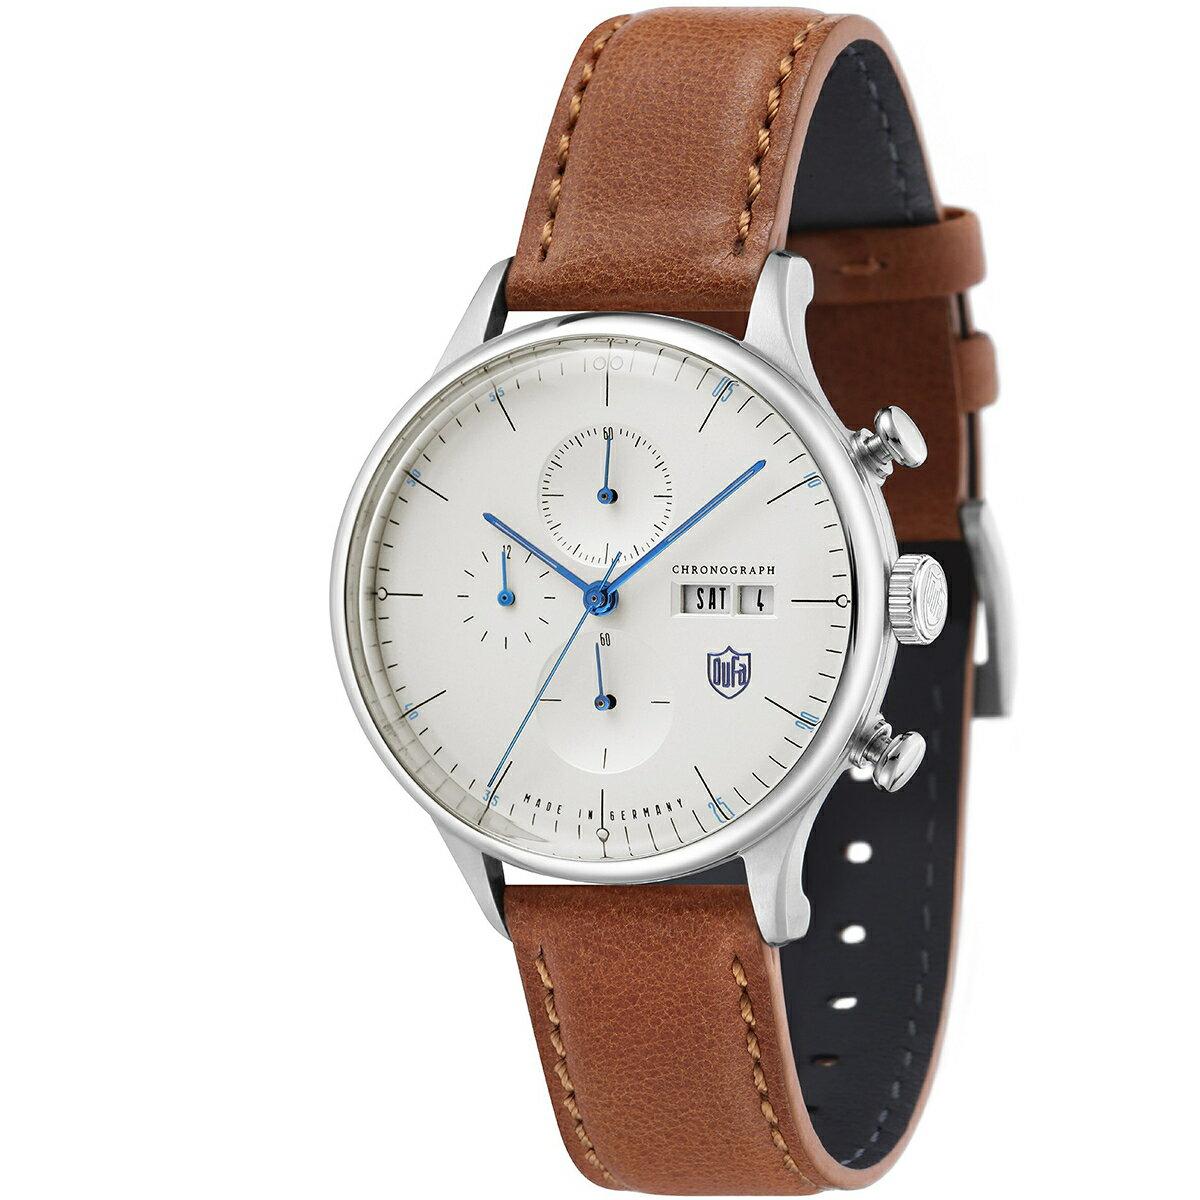 DUFA ドゥッファ DF-9021-05 VAN DER ROHE_(New Chrono) メンズ 時計 腕時計 プレゼント 贈り物 ギフト ドイツ バウハウス [海外正規商品][送料無料][あす楽]